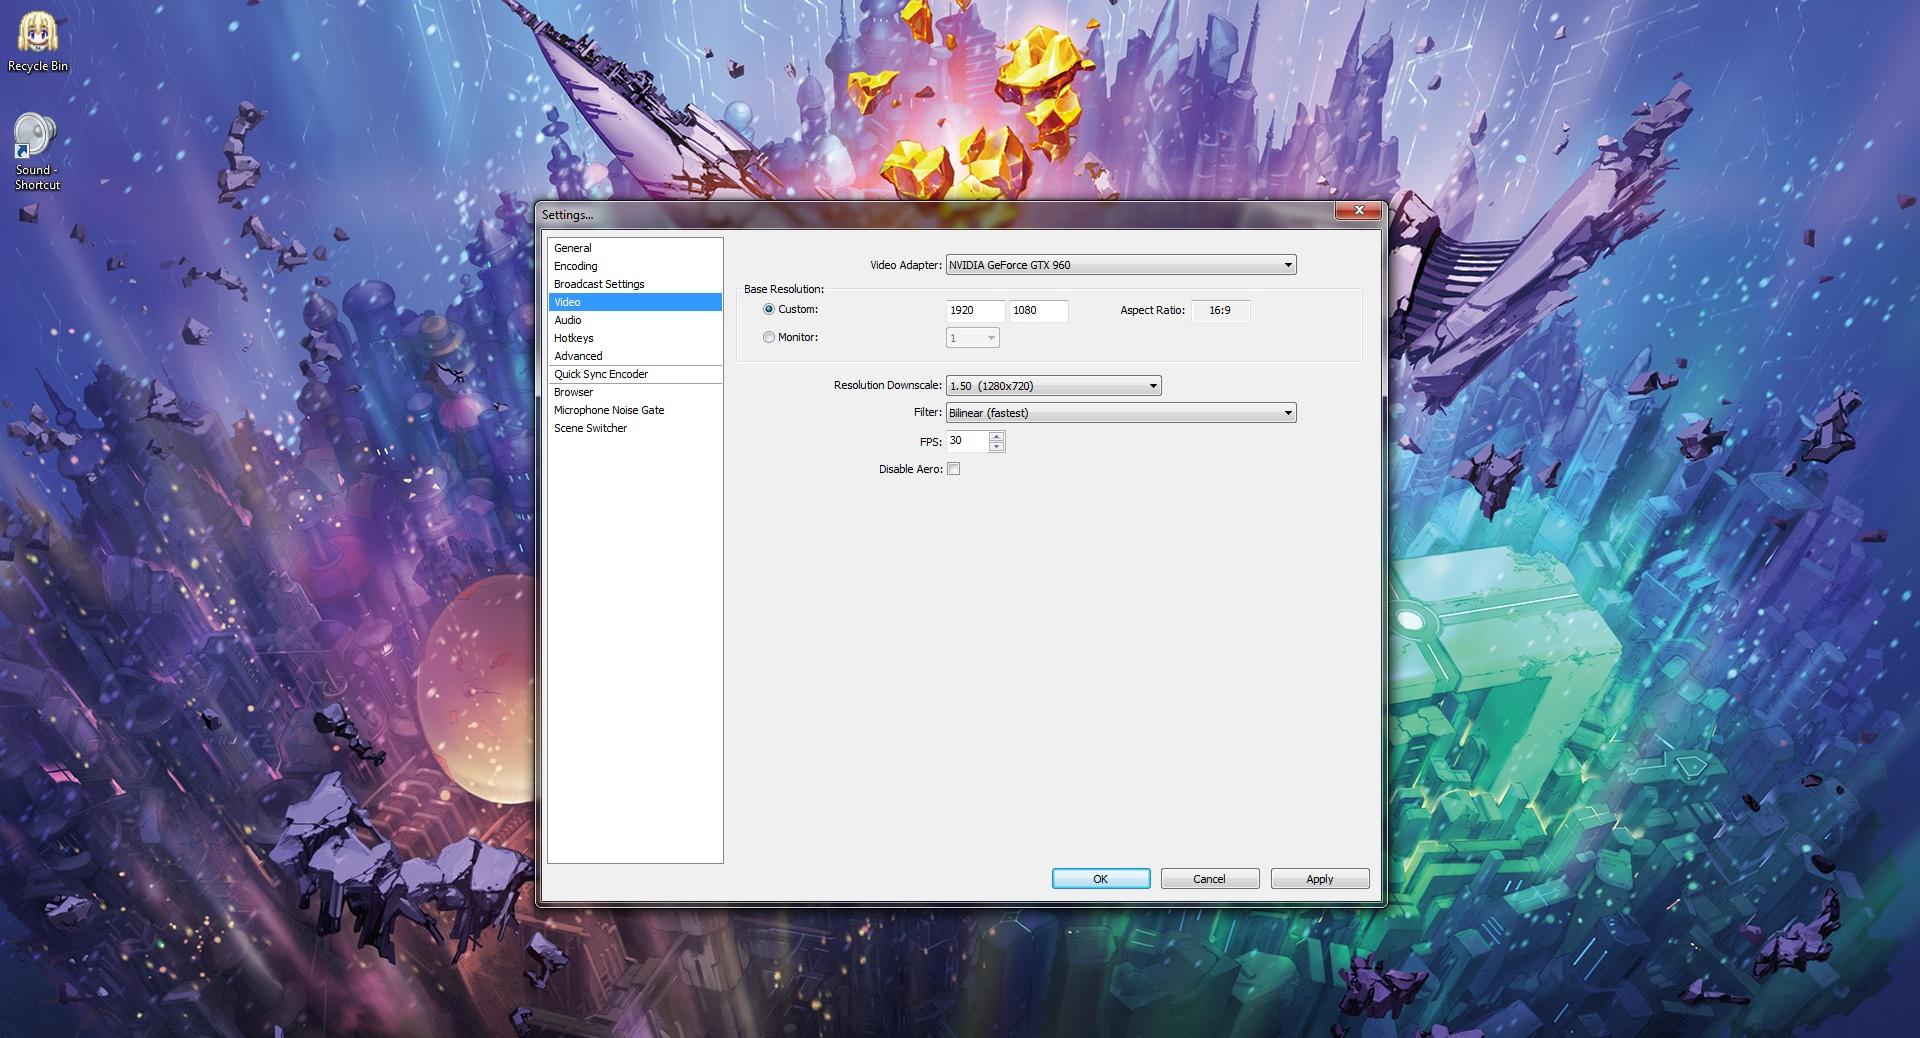 Chat Con Webcams Gratis